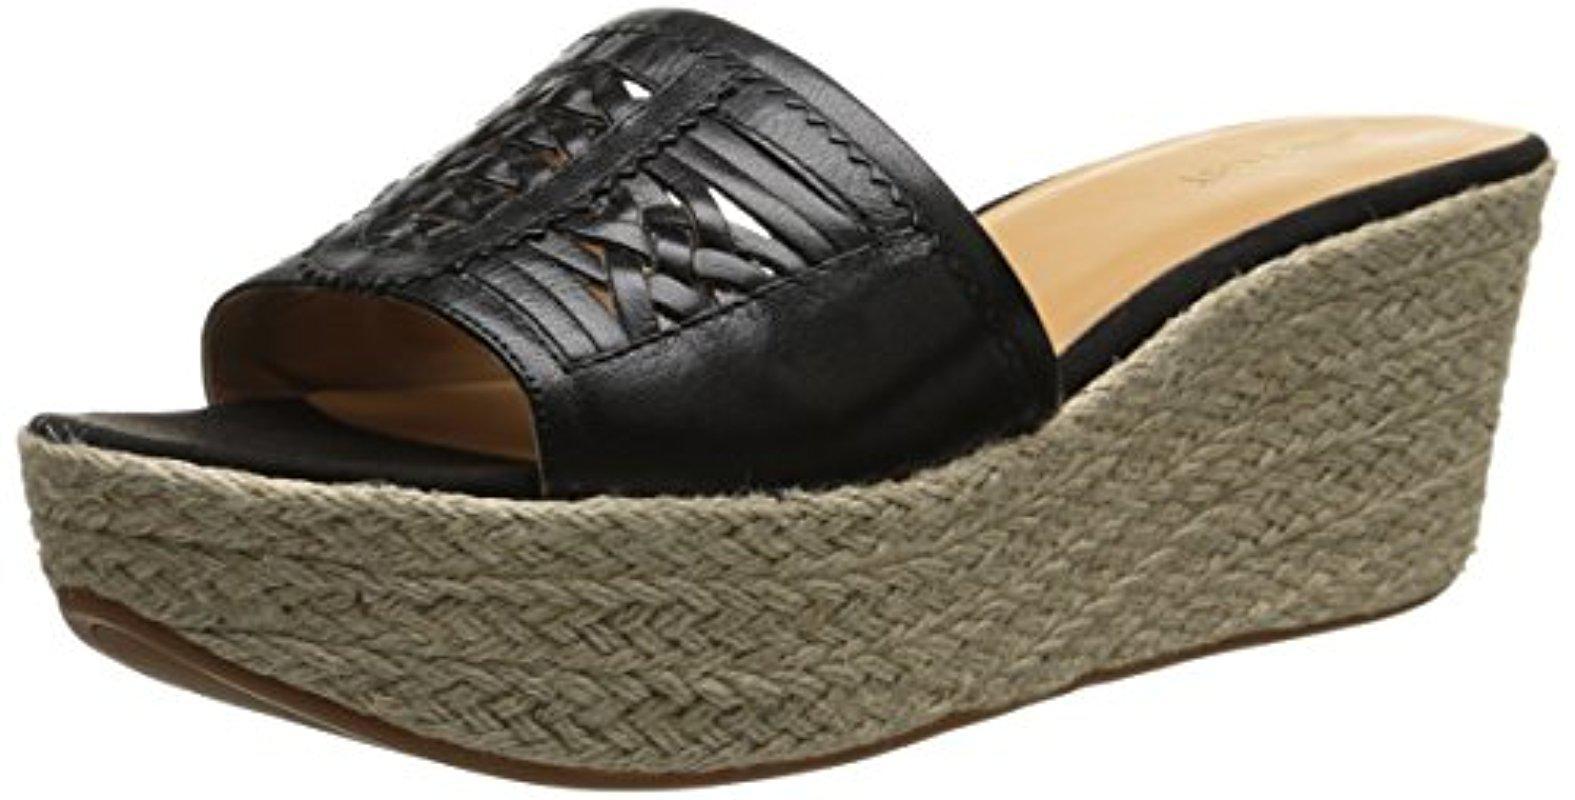 Nine West. Women's Black Raptor Leather Platform Sandal